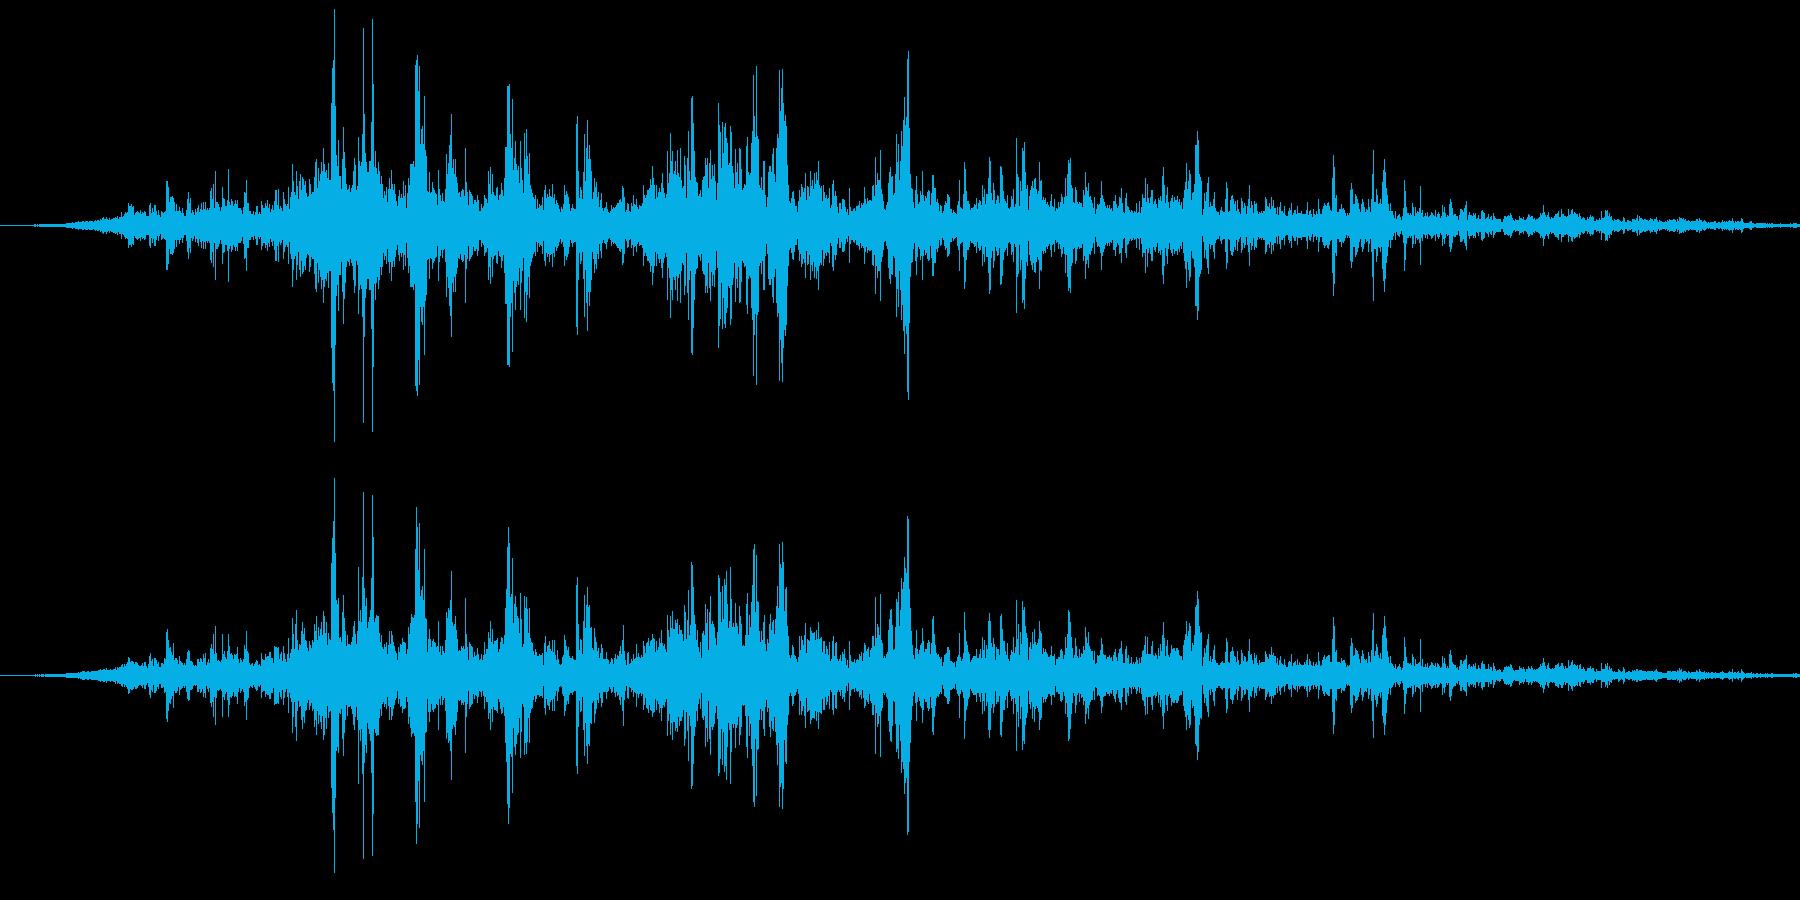 ゴロゴロ激しいゴロゴロ雷鳴ーの再生済みの波形